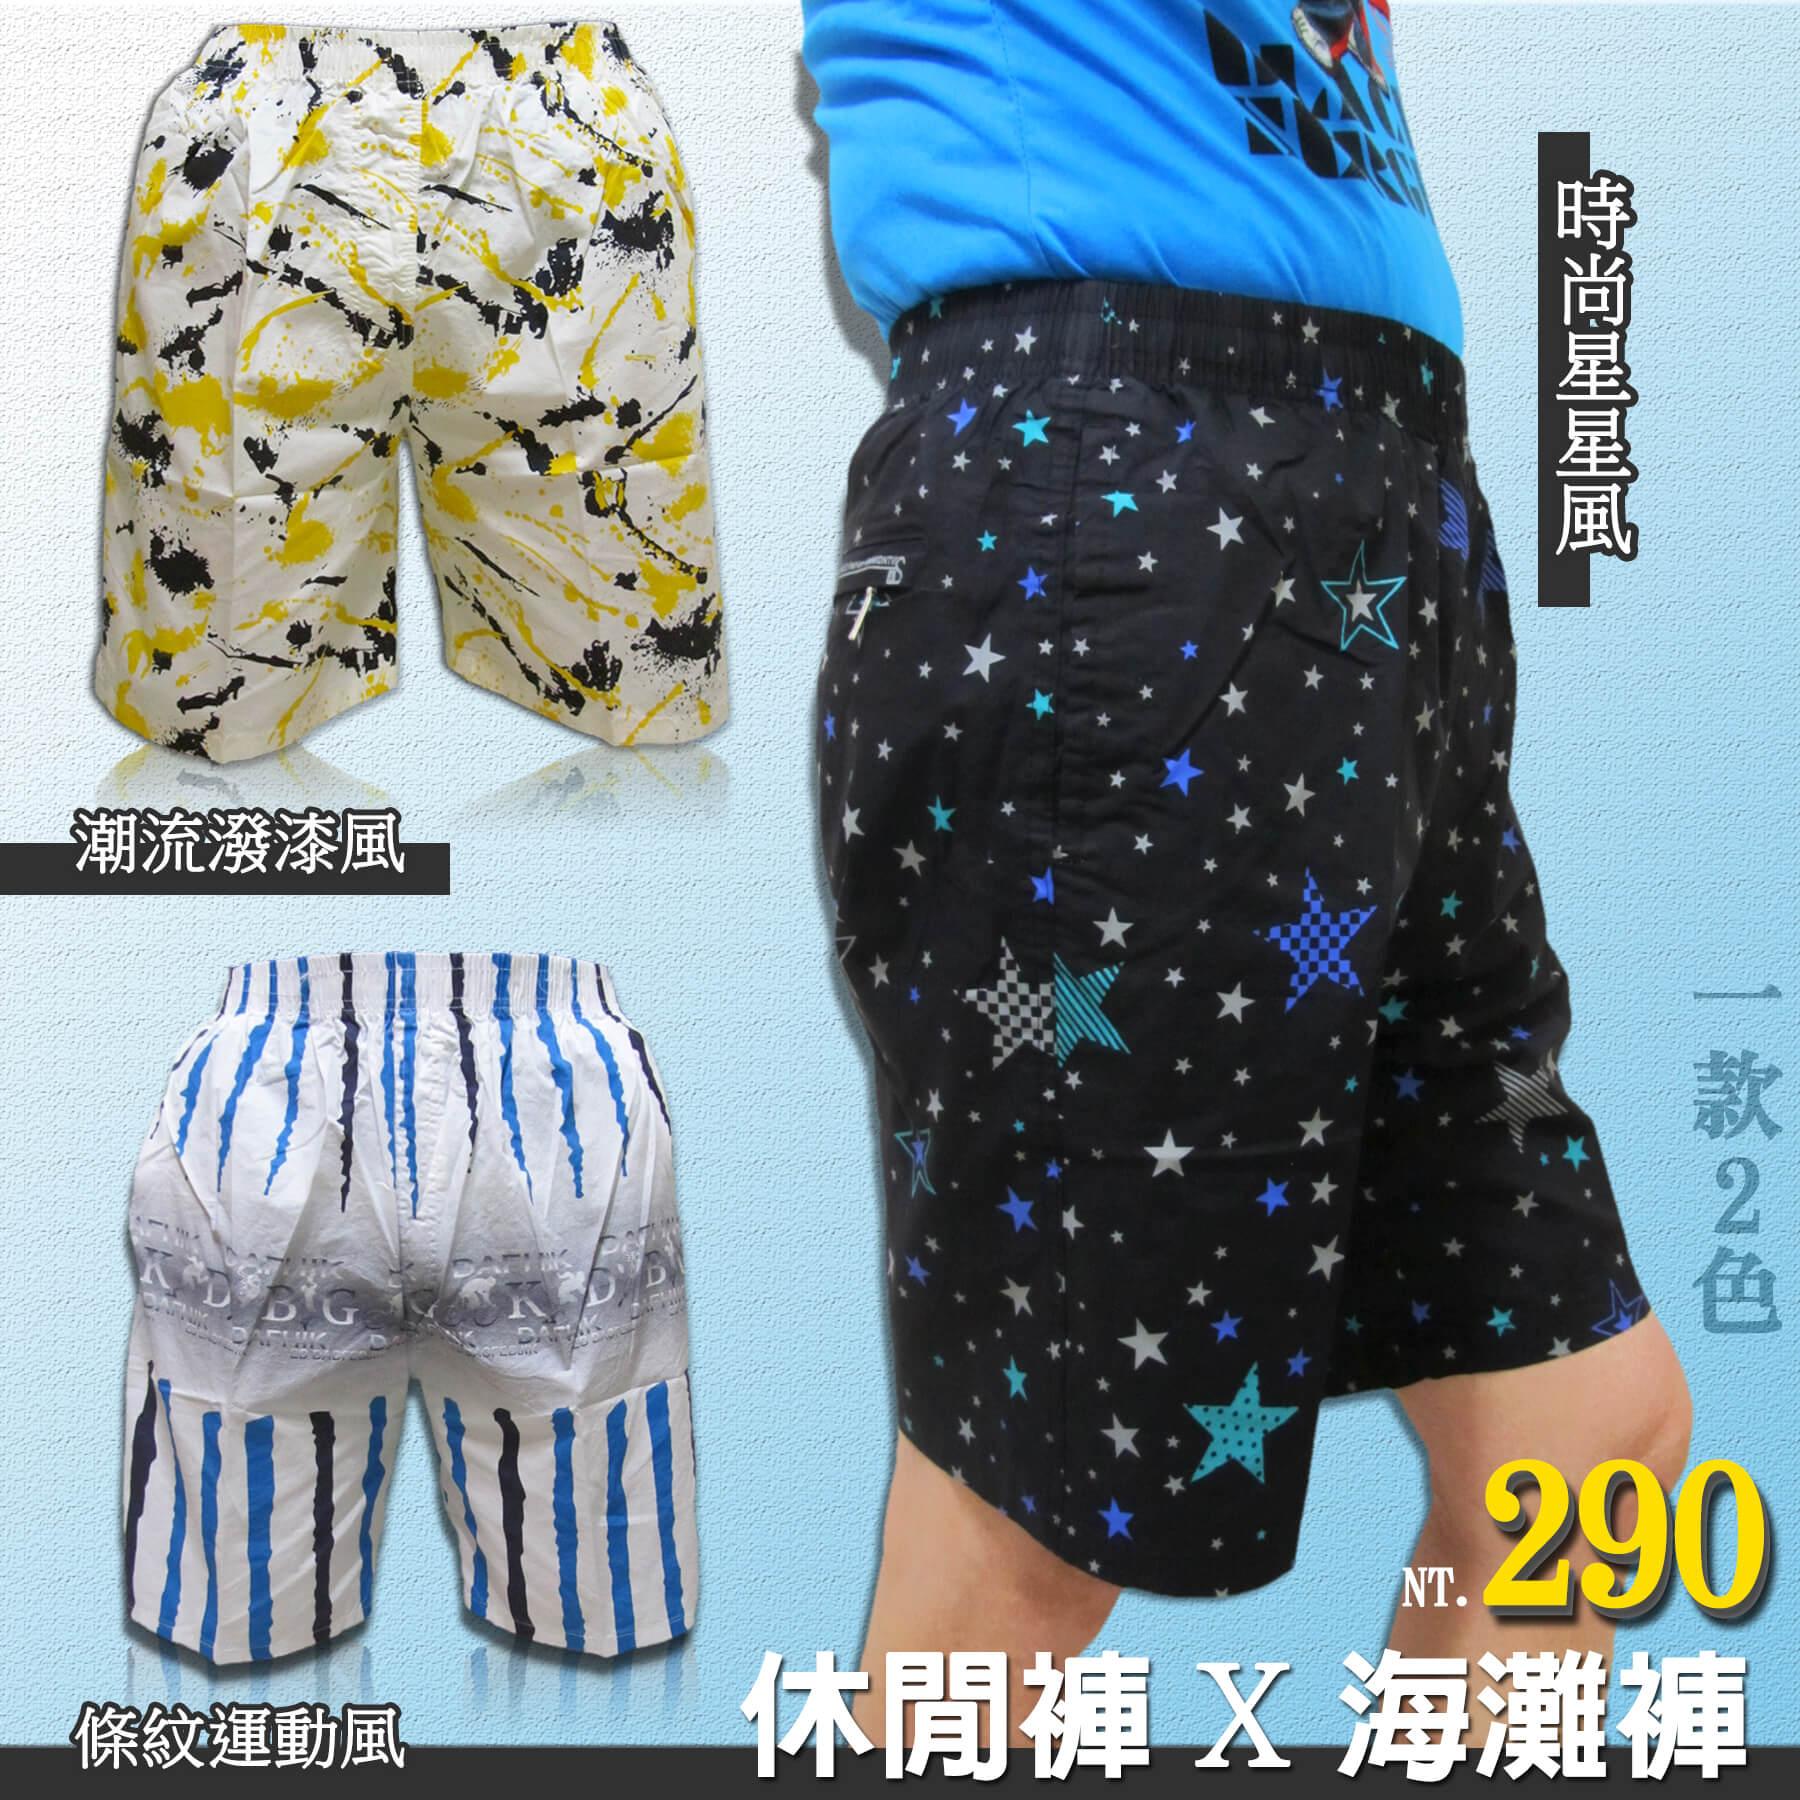 sun~e 純棉休閒短褲、腰圍全部鬆緊新潮短褲、涼爽透氣短褲、圖案短褲、滿版短褲、全棉10